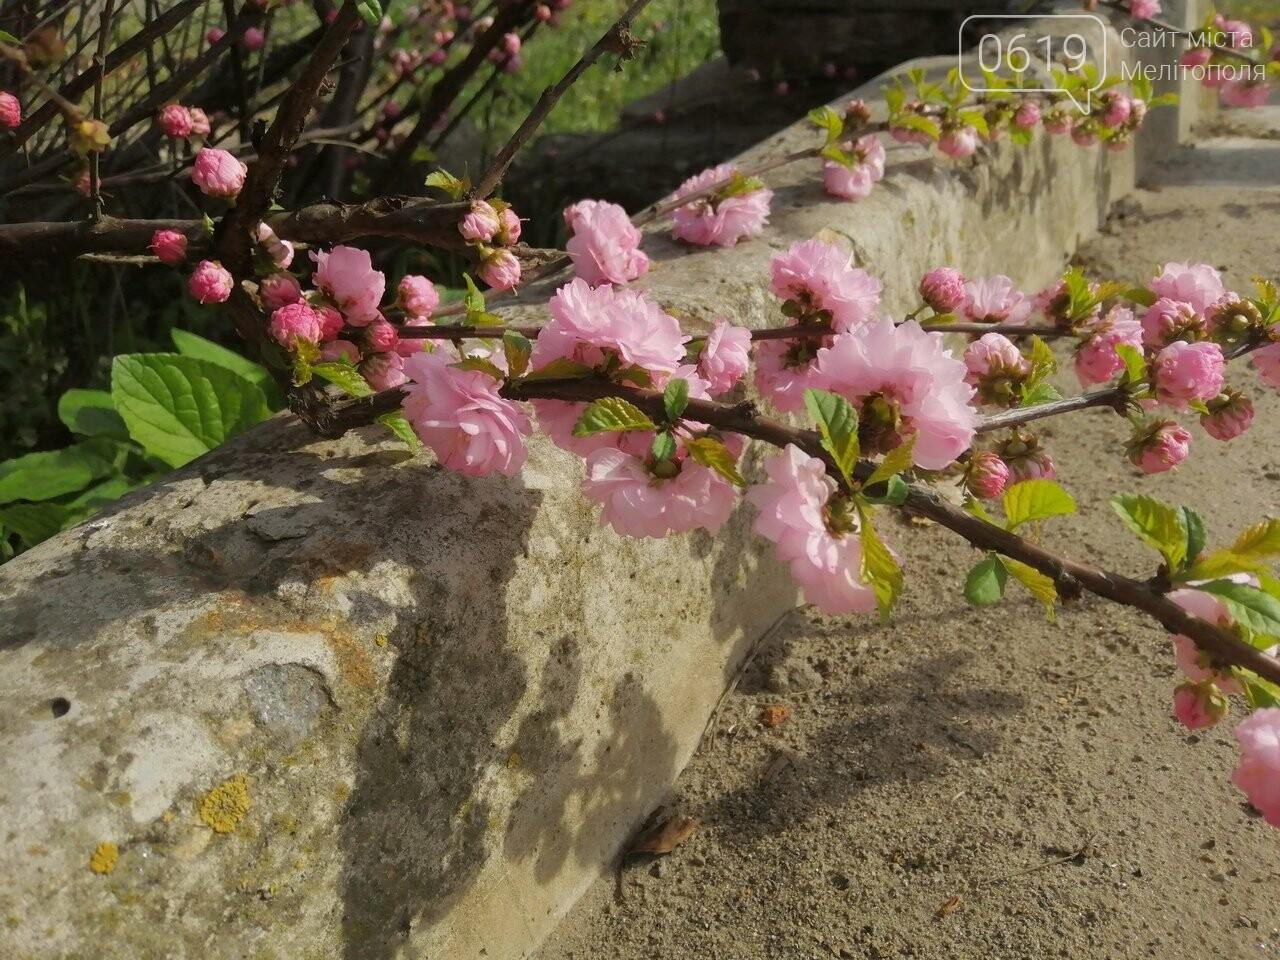 В Мелитополе расцвели майские розы, фото-2, Фото сайта 0619